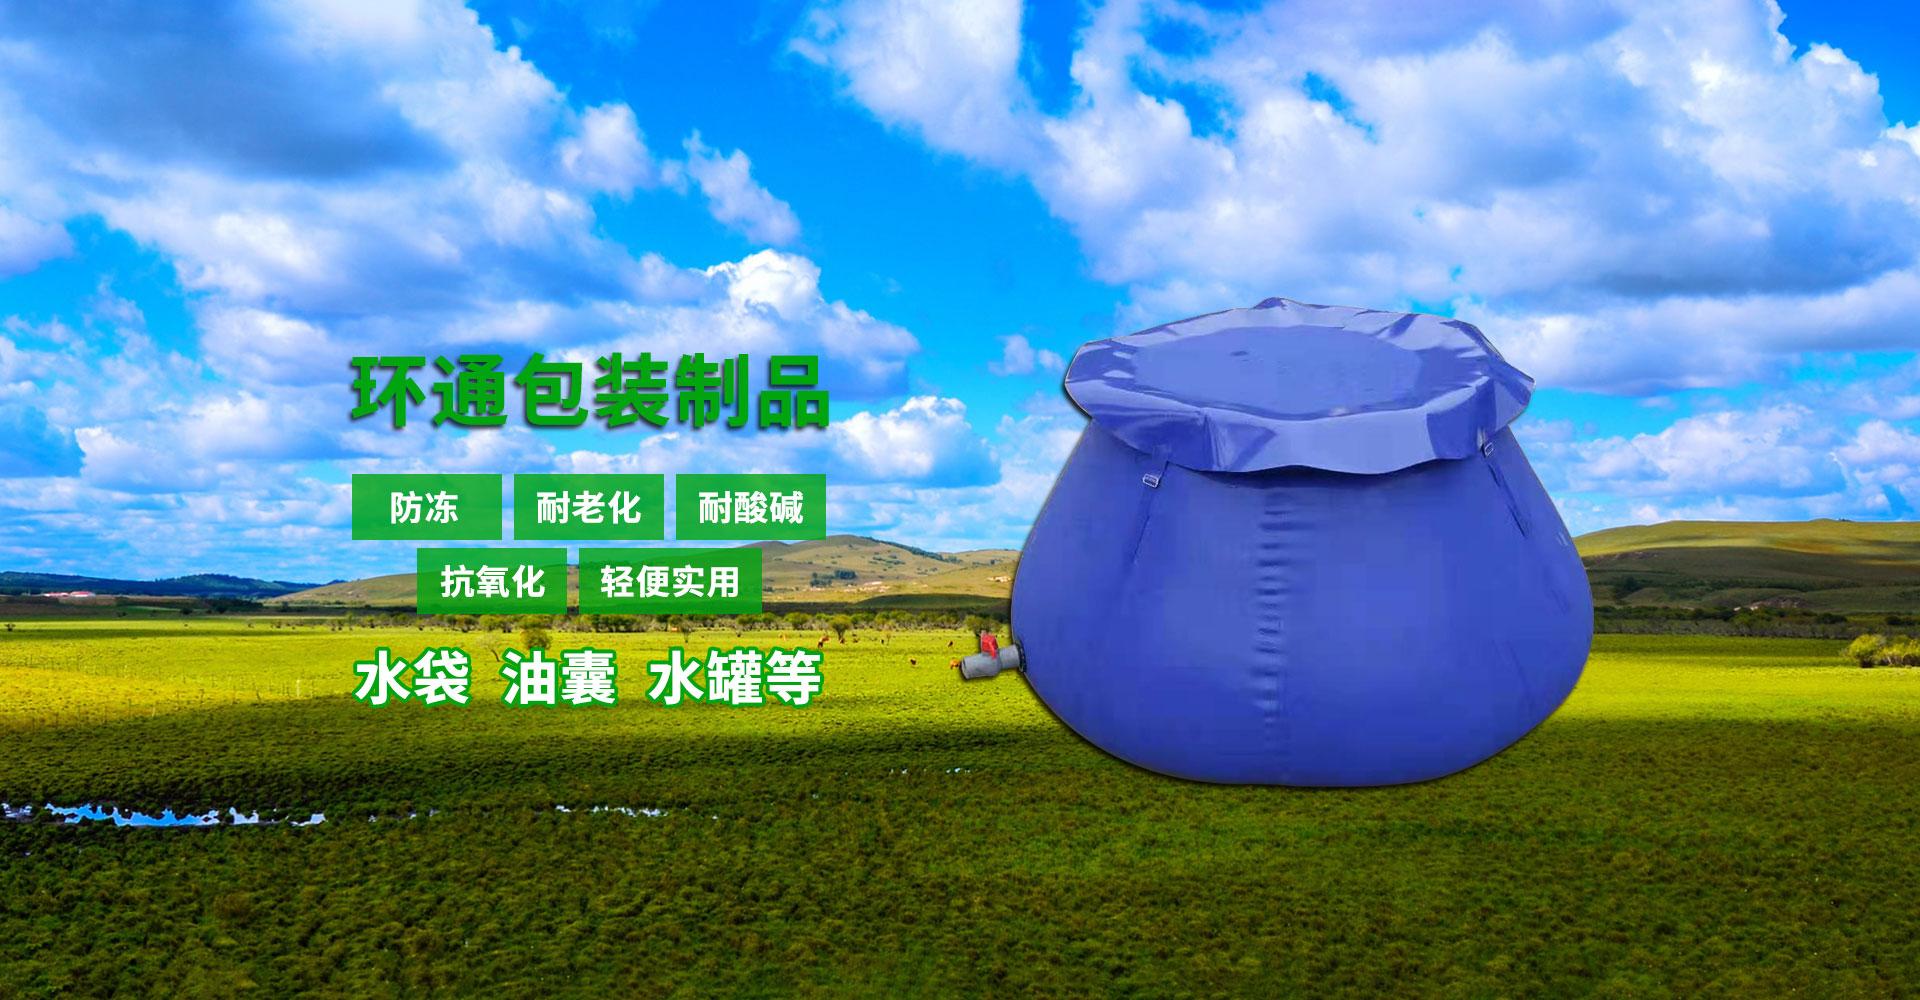 潍坊市环通包装制品有限公司